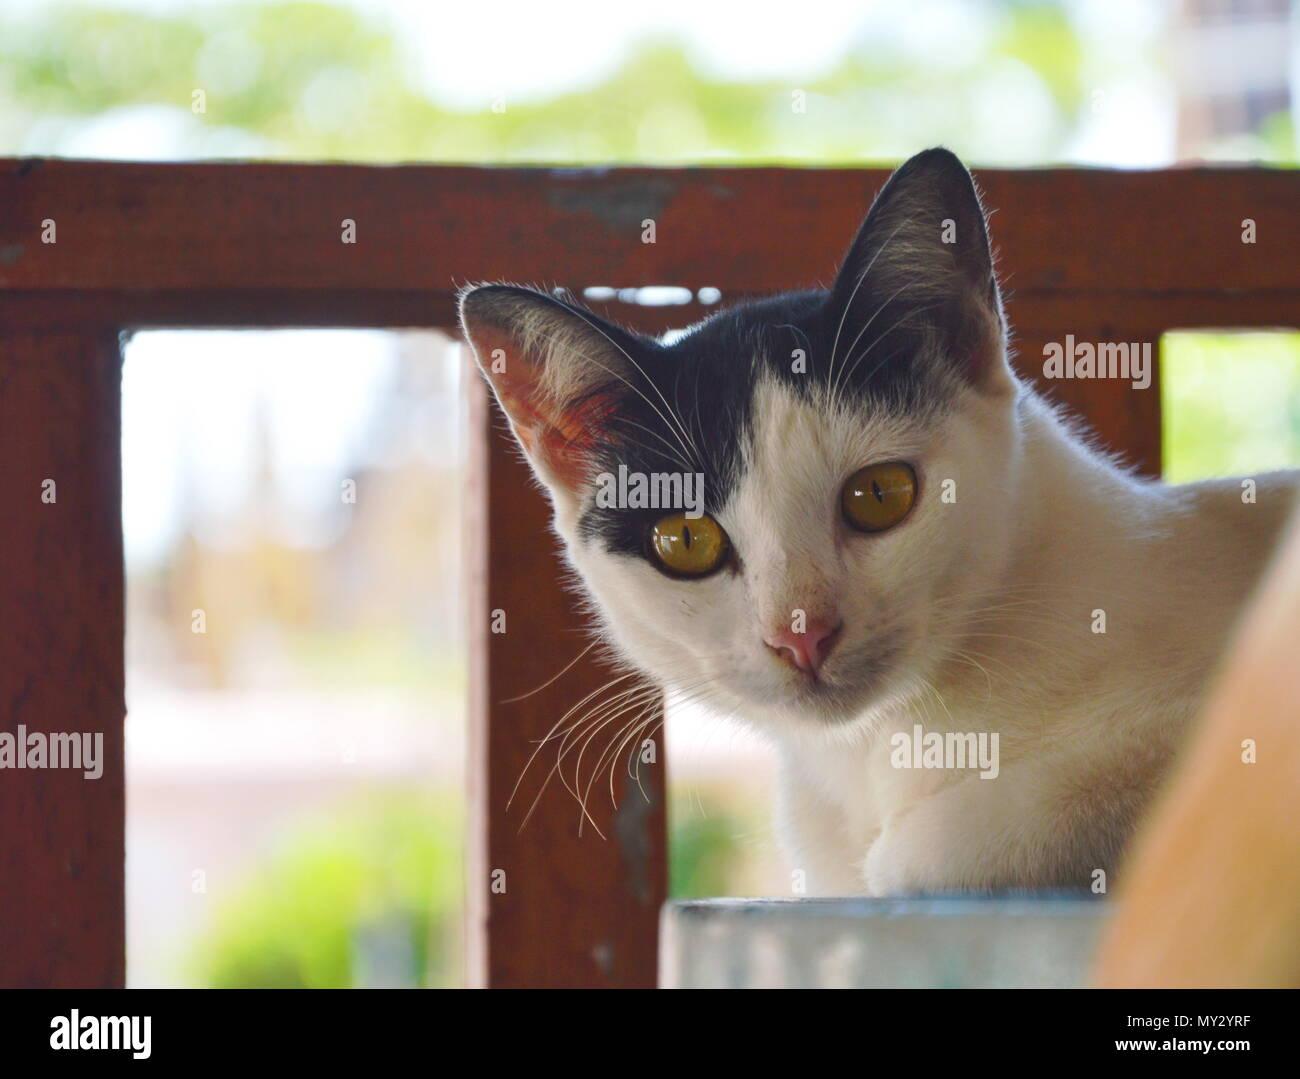 Gato Blanco y negro sobre la mesa Imagen De Stock